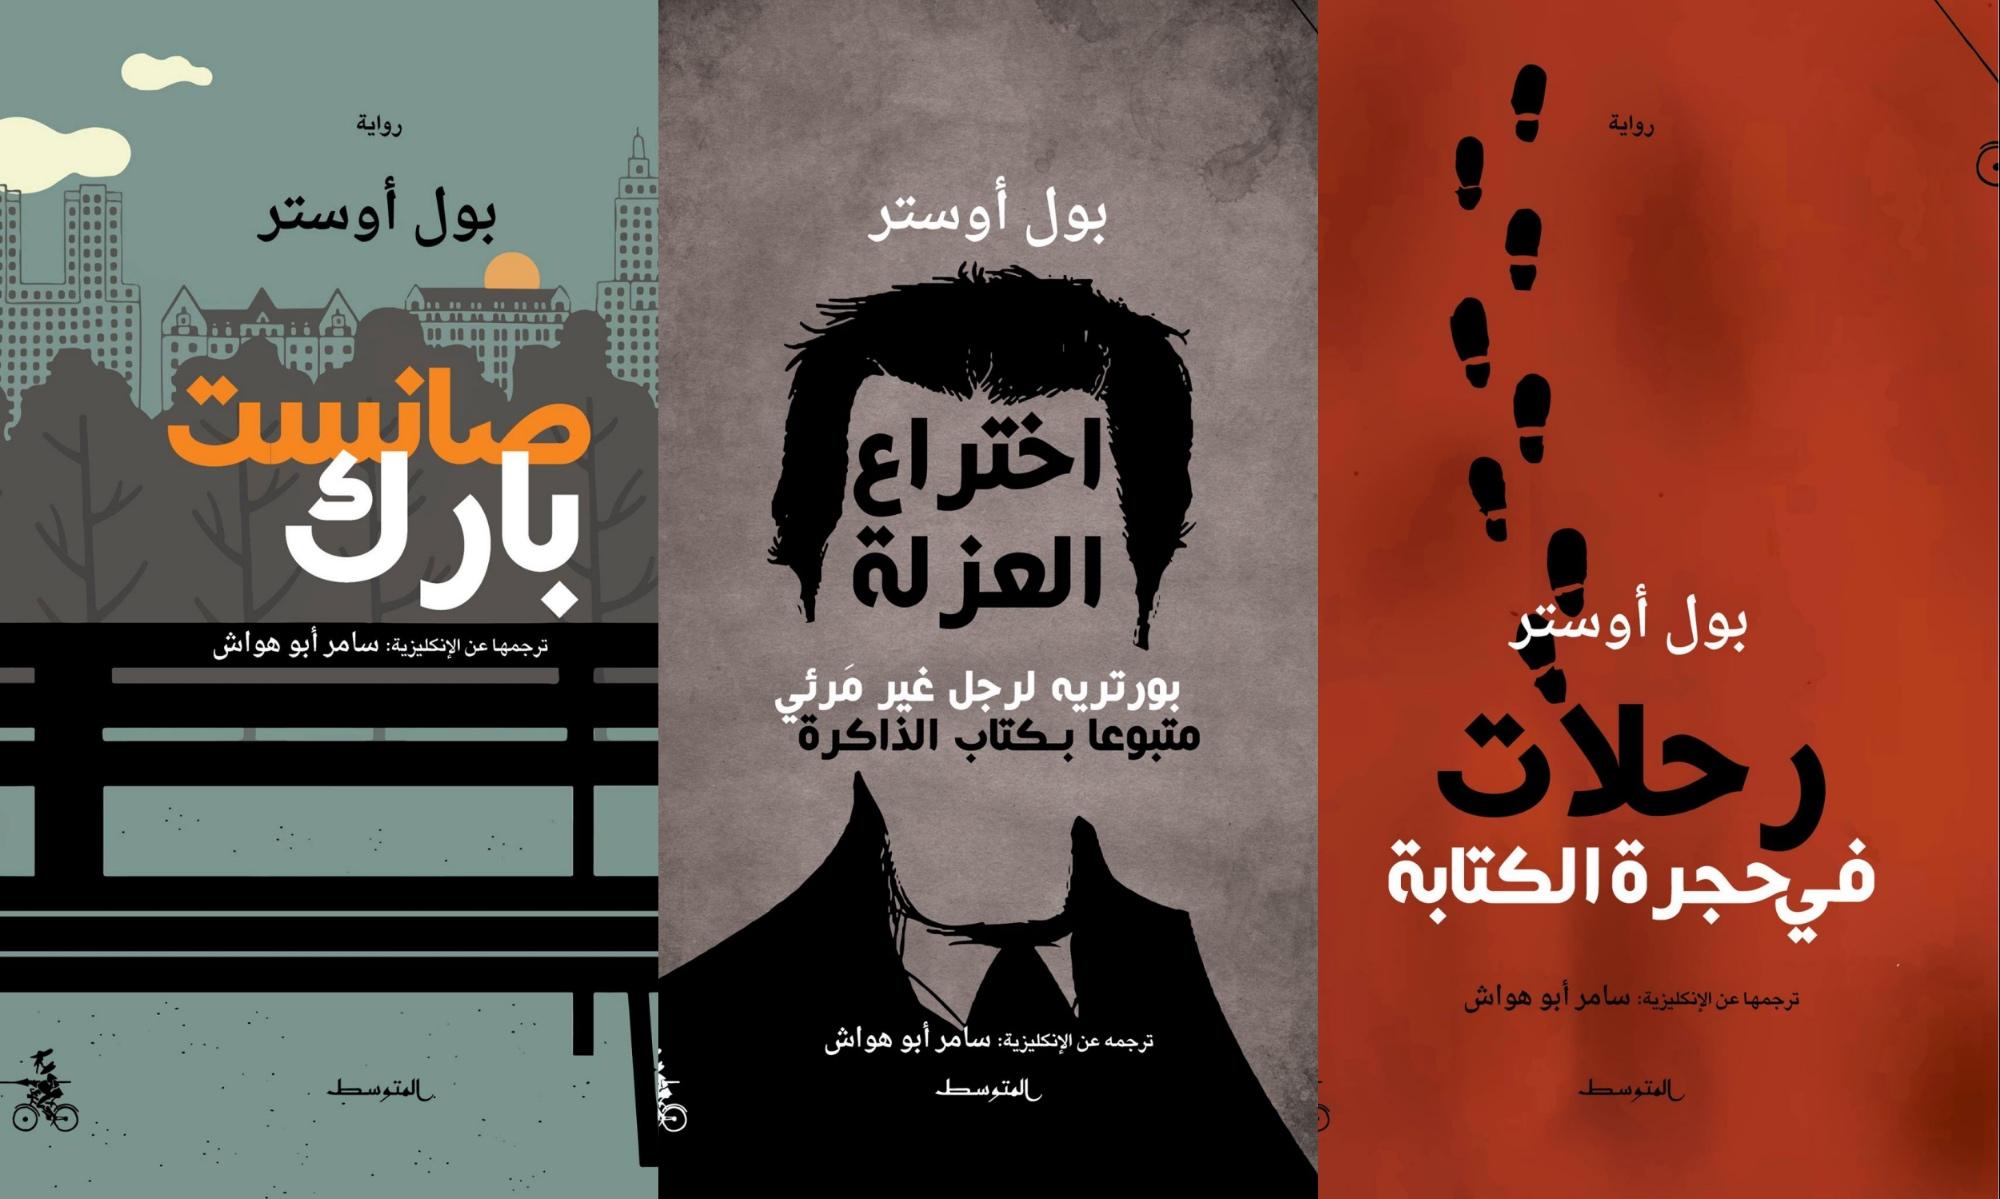 صدور ثلاثة كتب لبول أوستر بترجمة سامر أبو هواش